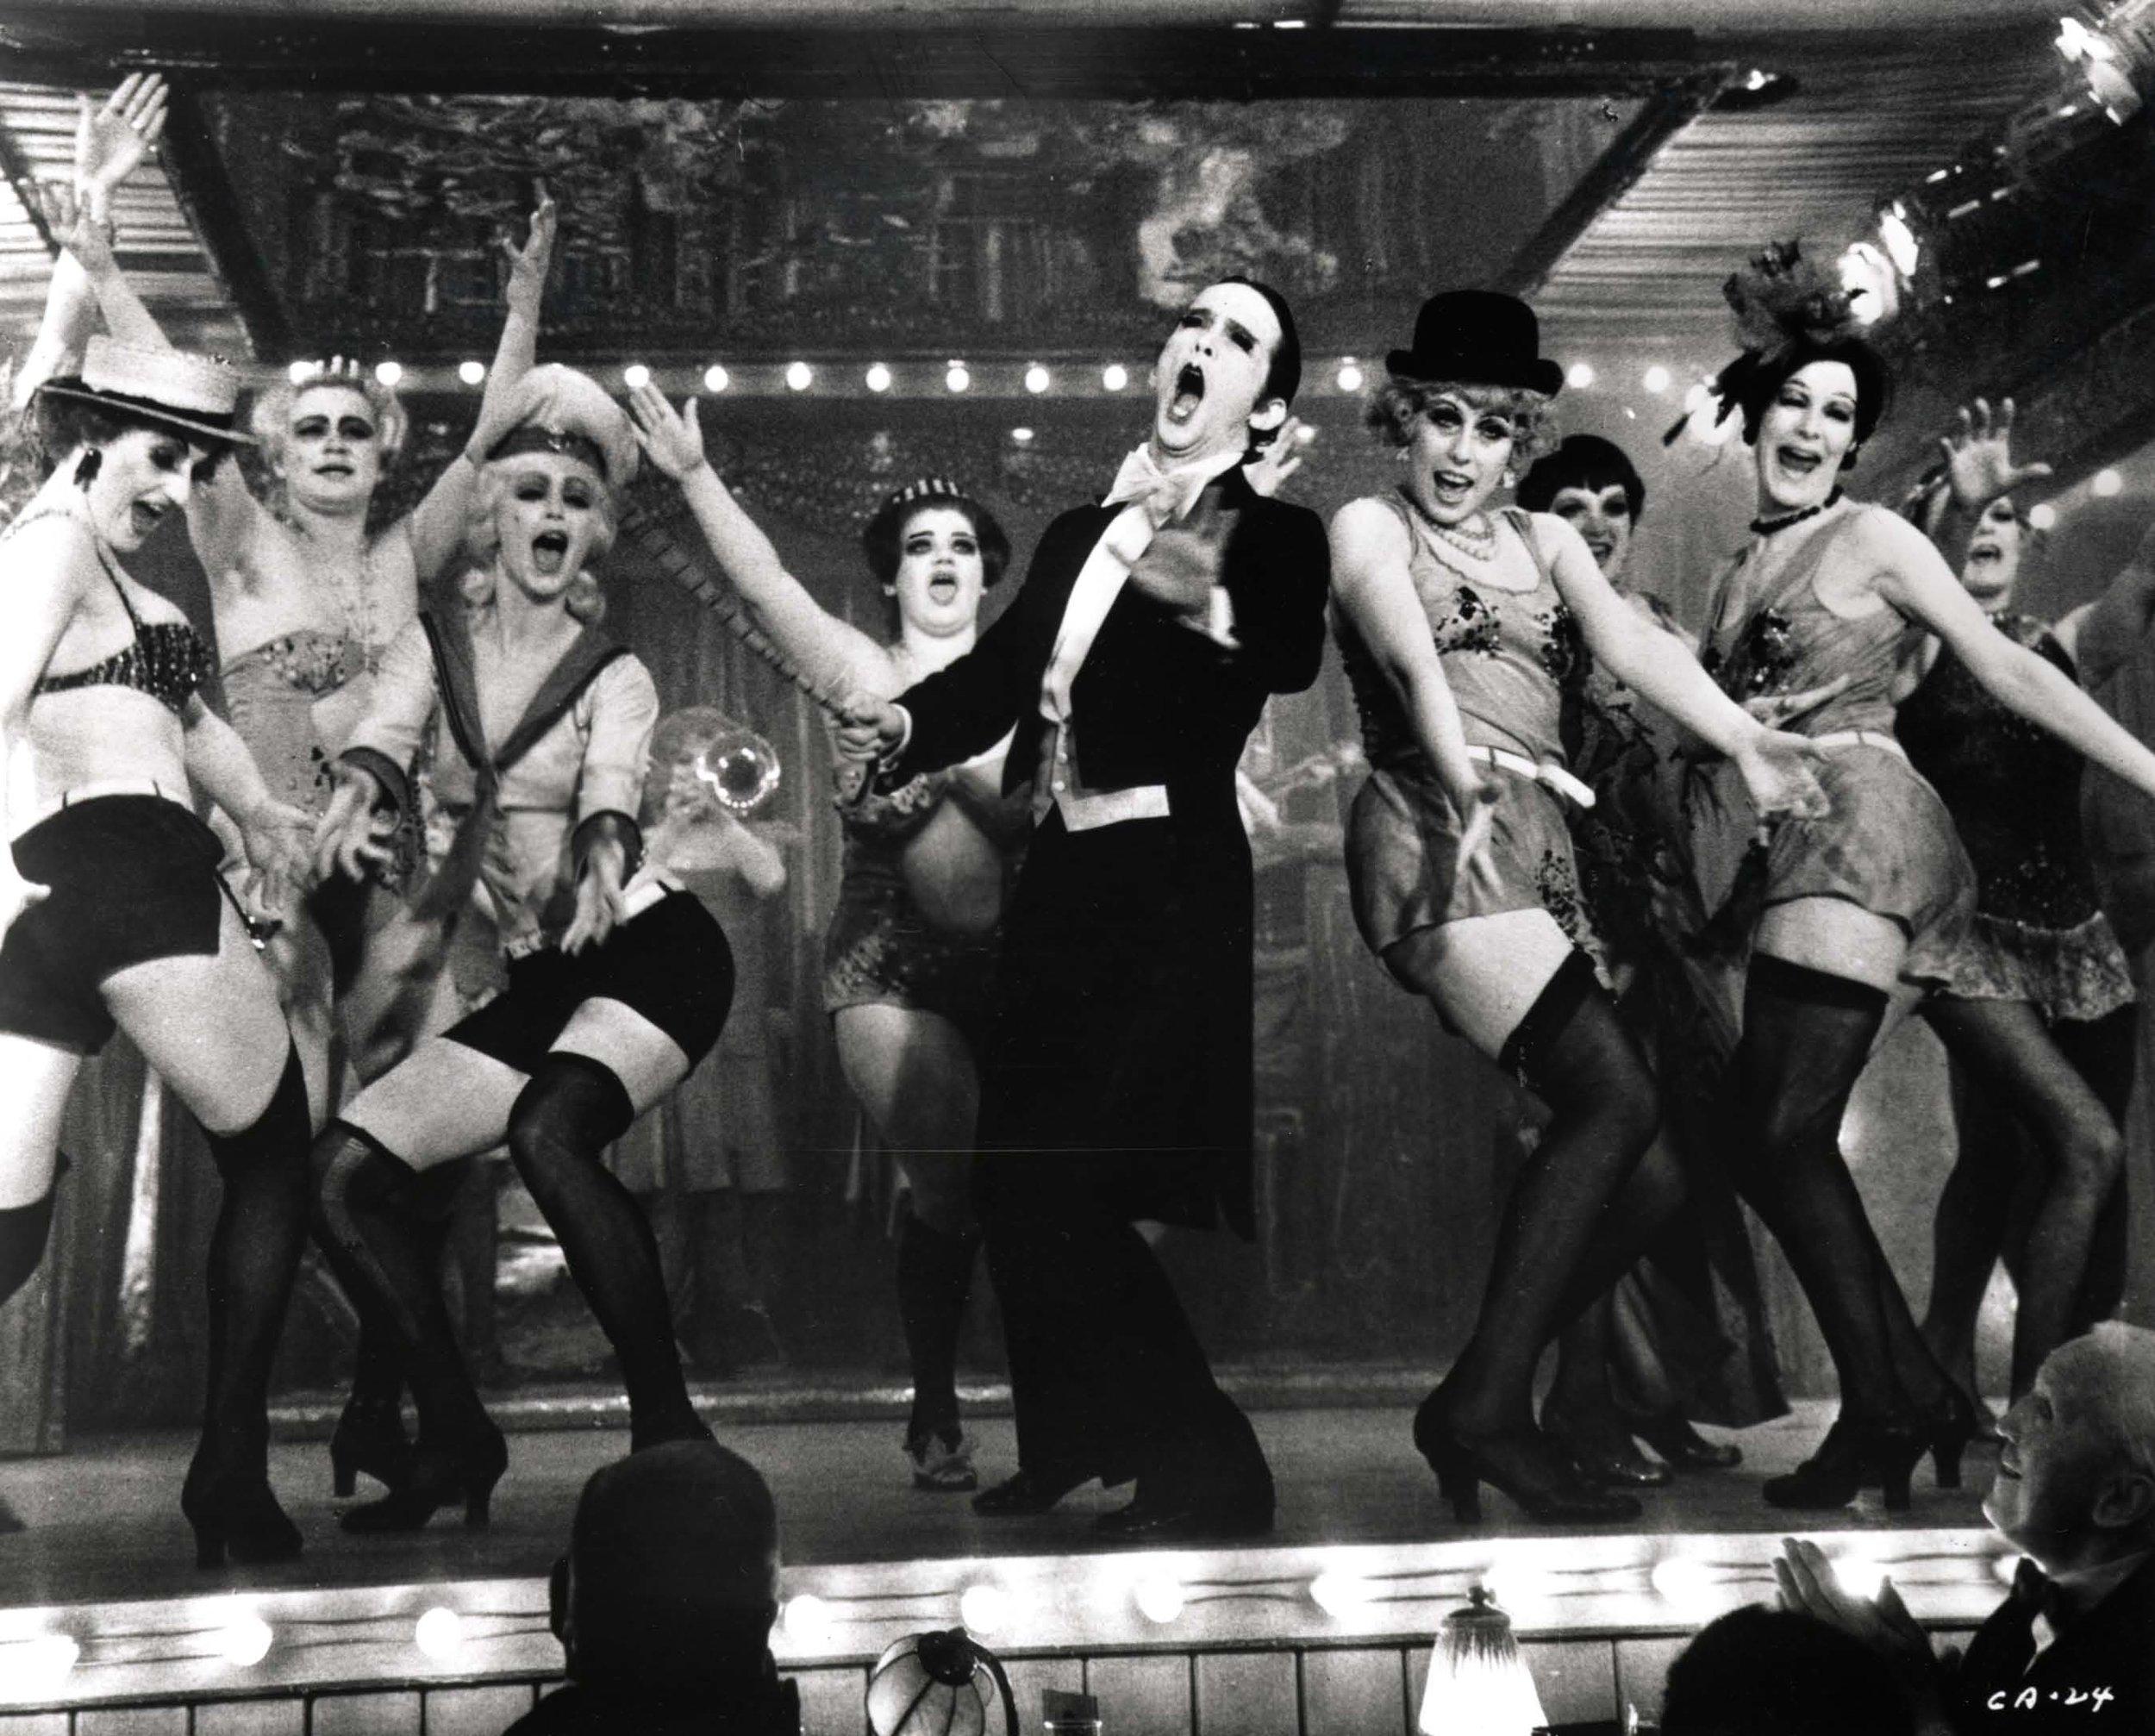 Dancers at the KitKat Club, Cabaret (1972).